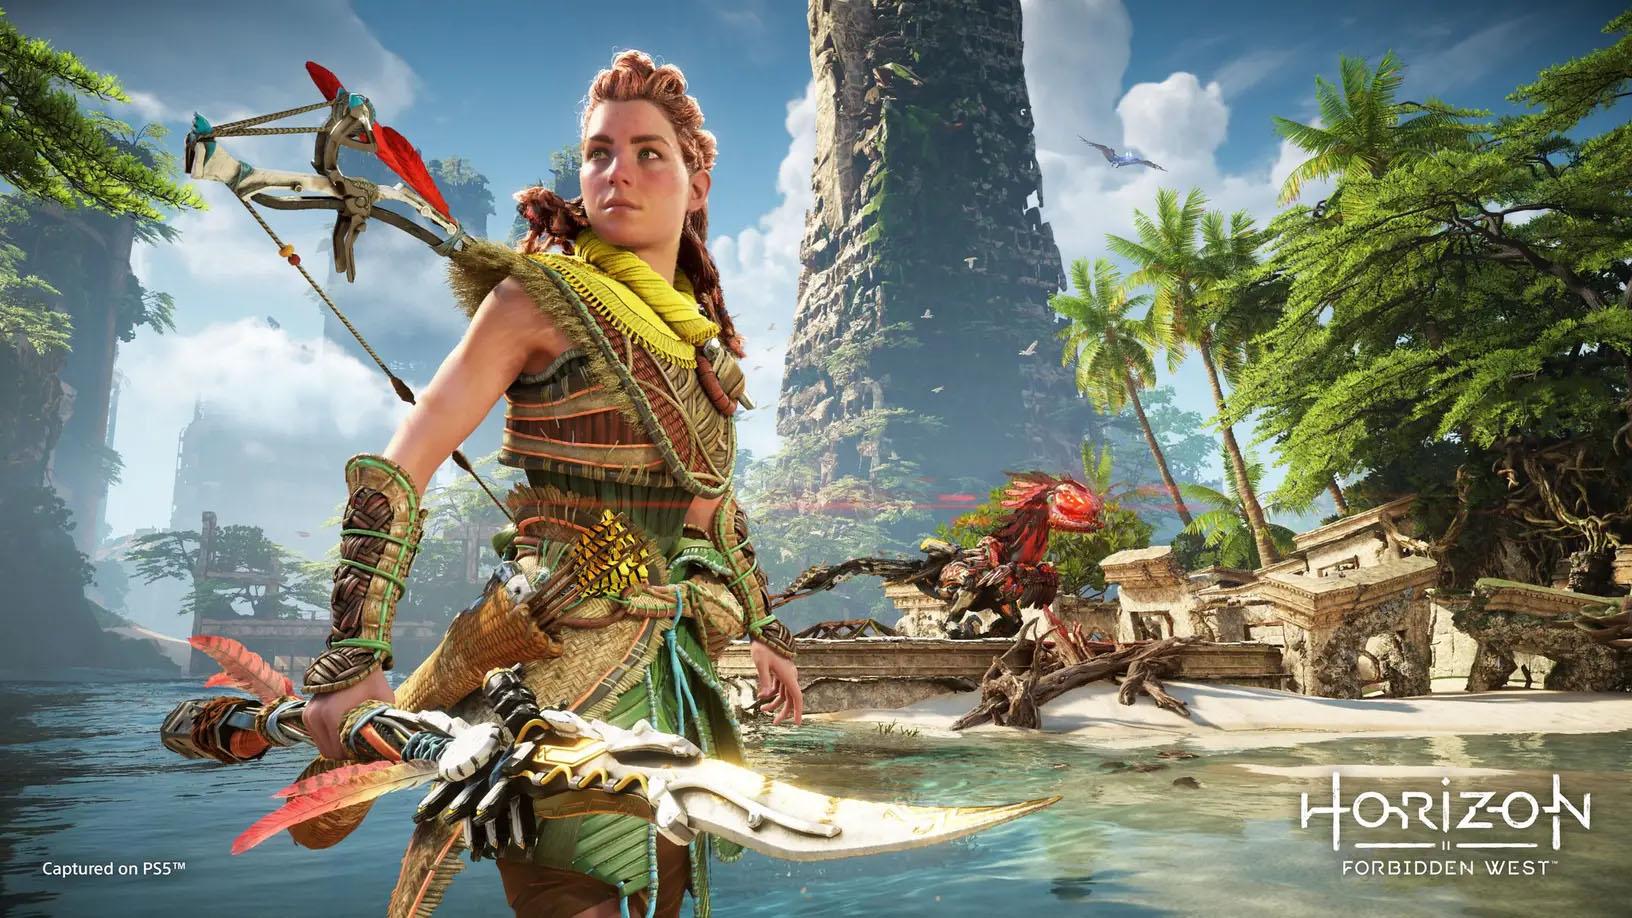 Horizon: Forbidden West, czyli Aloy w pełni możliwości (źródło: PlayStation)